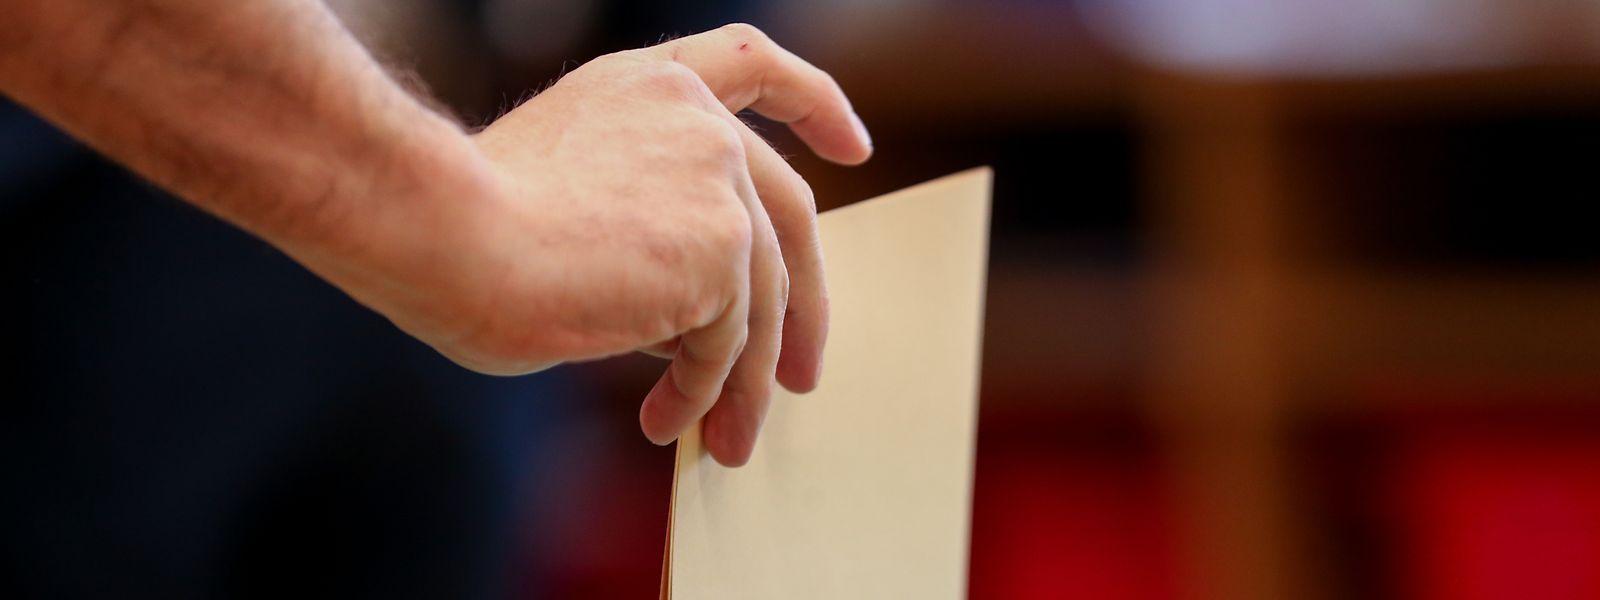 Nas eleições para o parlamento europeu de 2014, dos 244.986 eleitores portugueses inscritos em todo o mundo, em 71 consulados, apenas 5.129 votaram.